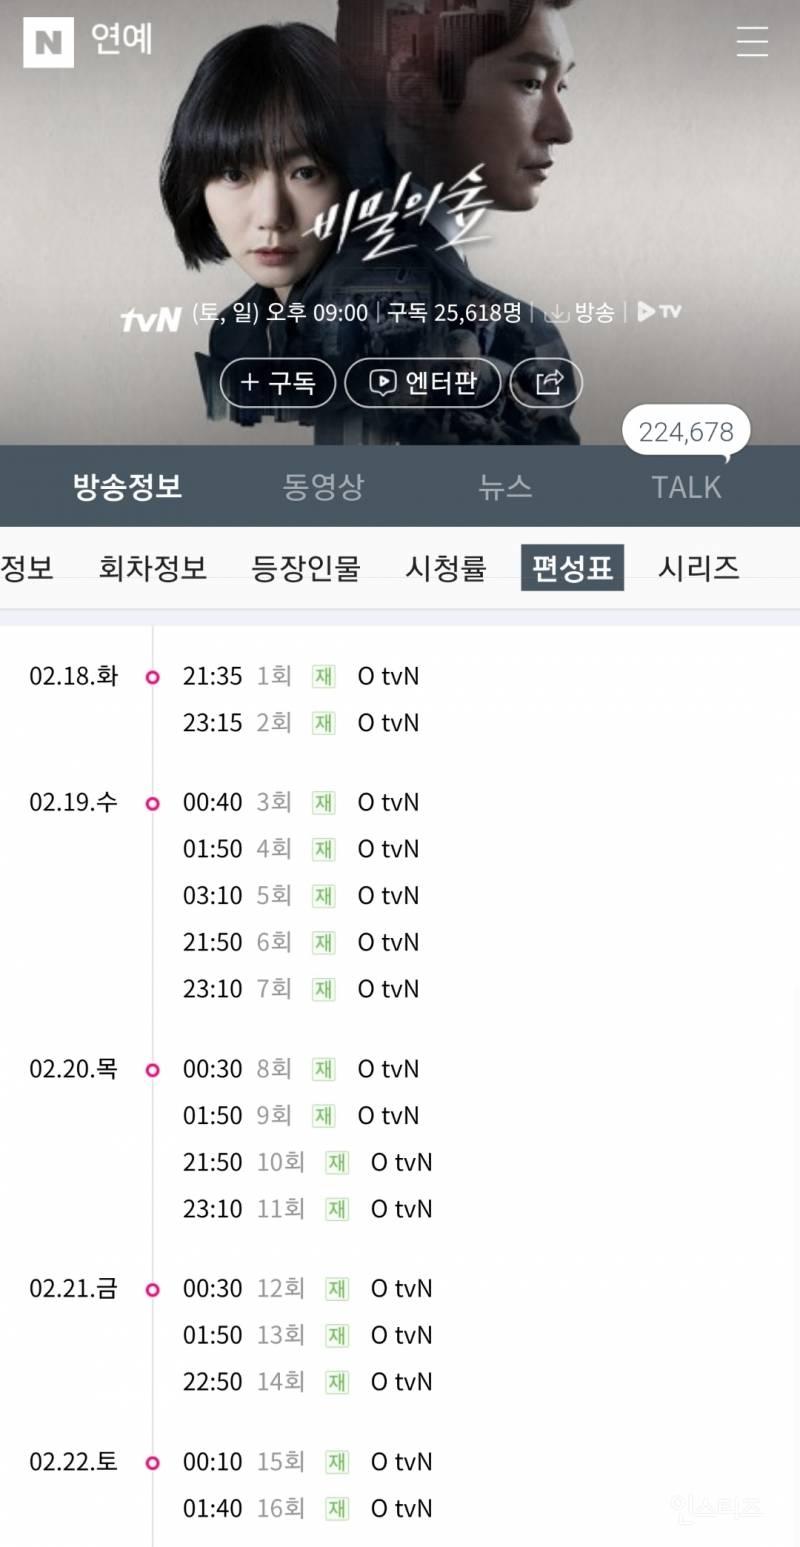 오늘 밤부터 연속 재방송 해 주는 tvN 드라마 | 인스티즈